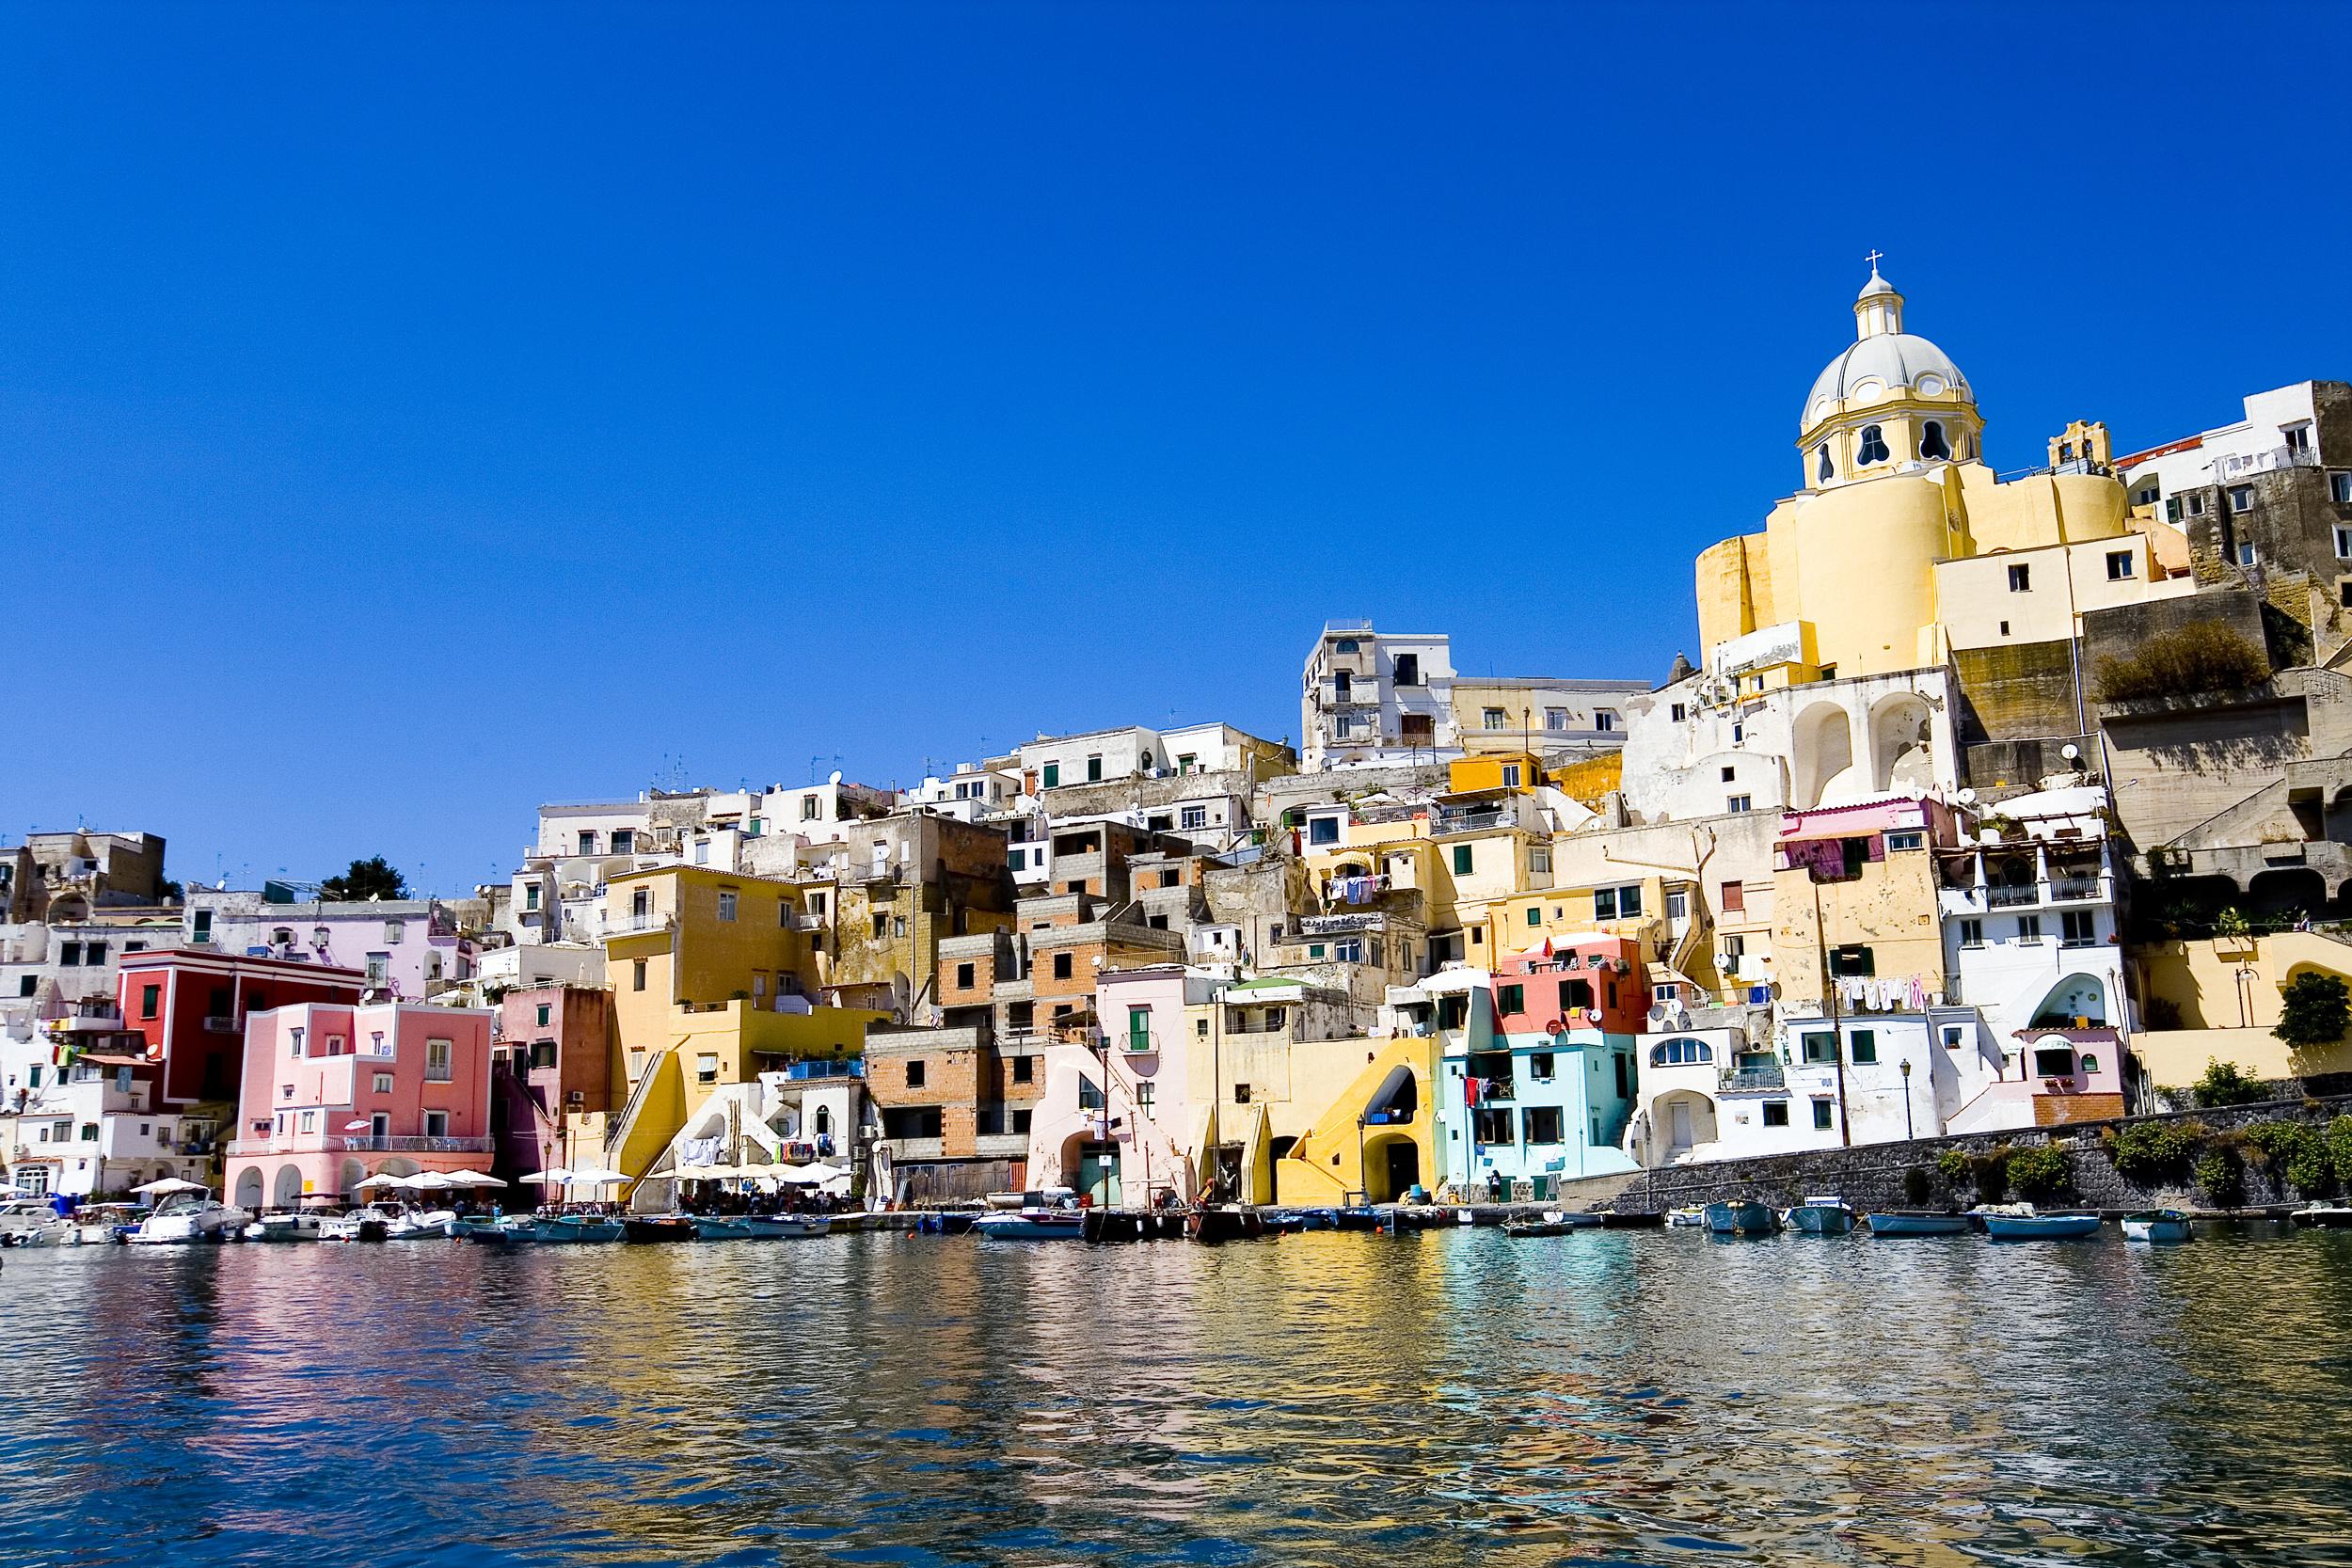 Naples-Campanie - Voyages Scolaires - Develop Travel Belgique